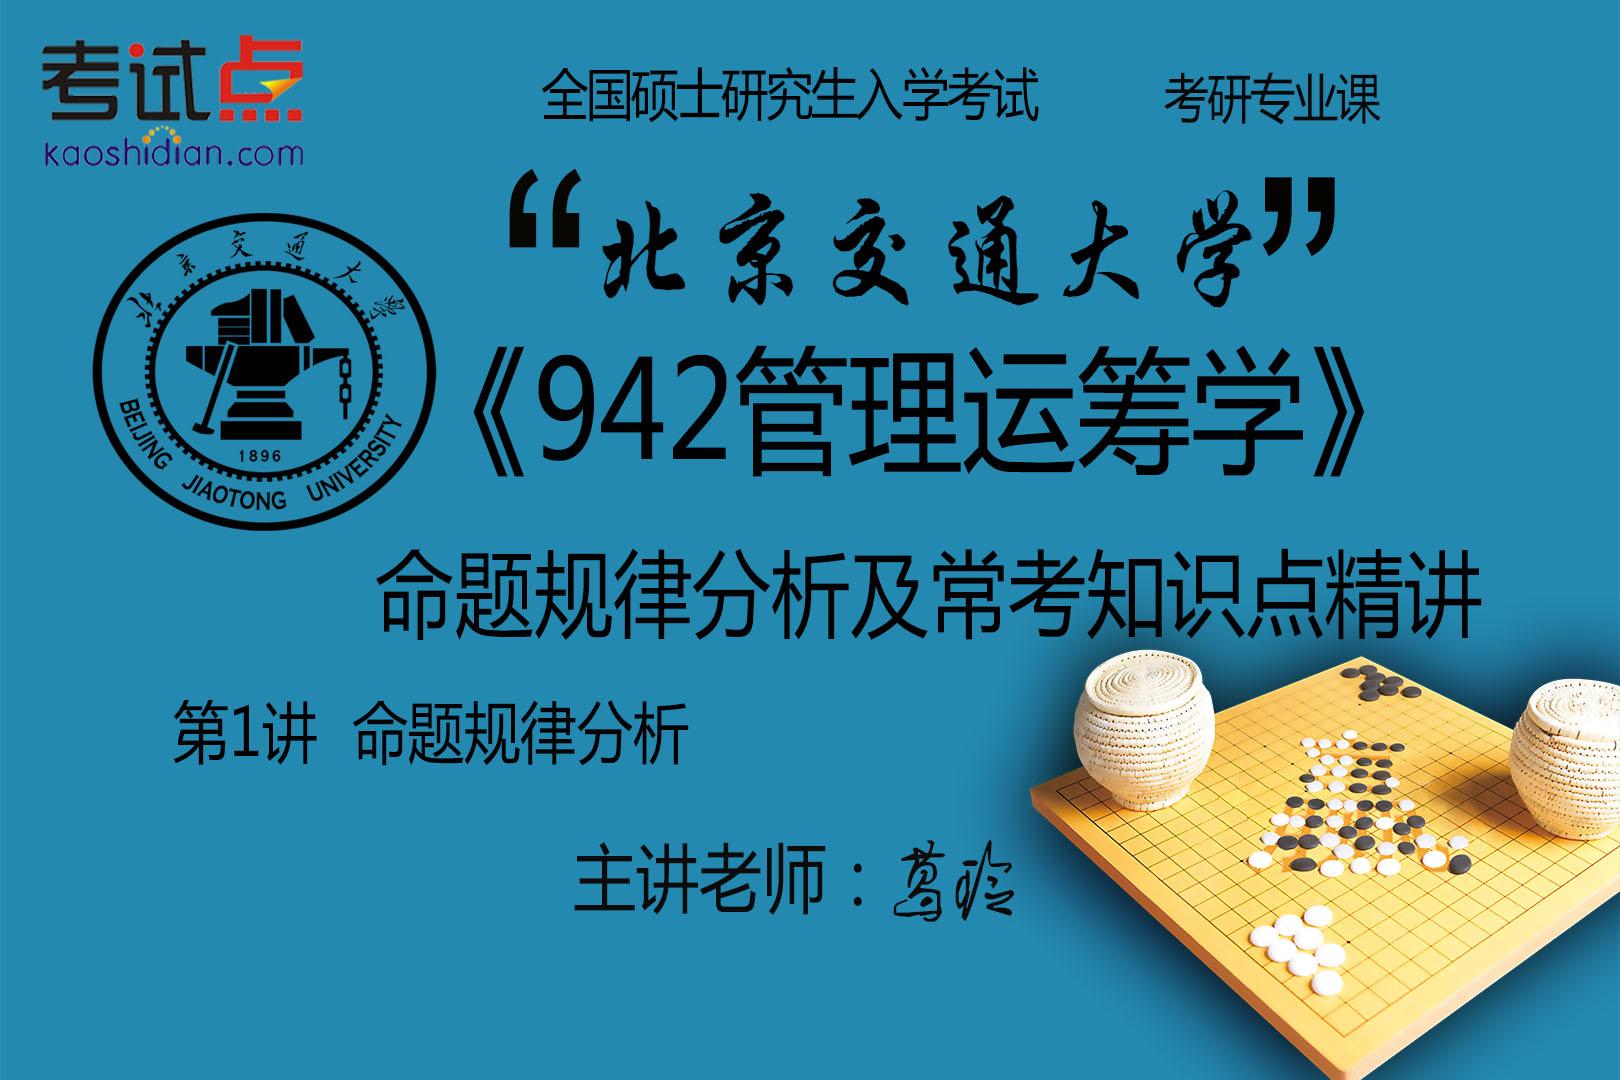 北京交通大學《942管理運籌學》命題規律分析及常考知識點精講